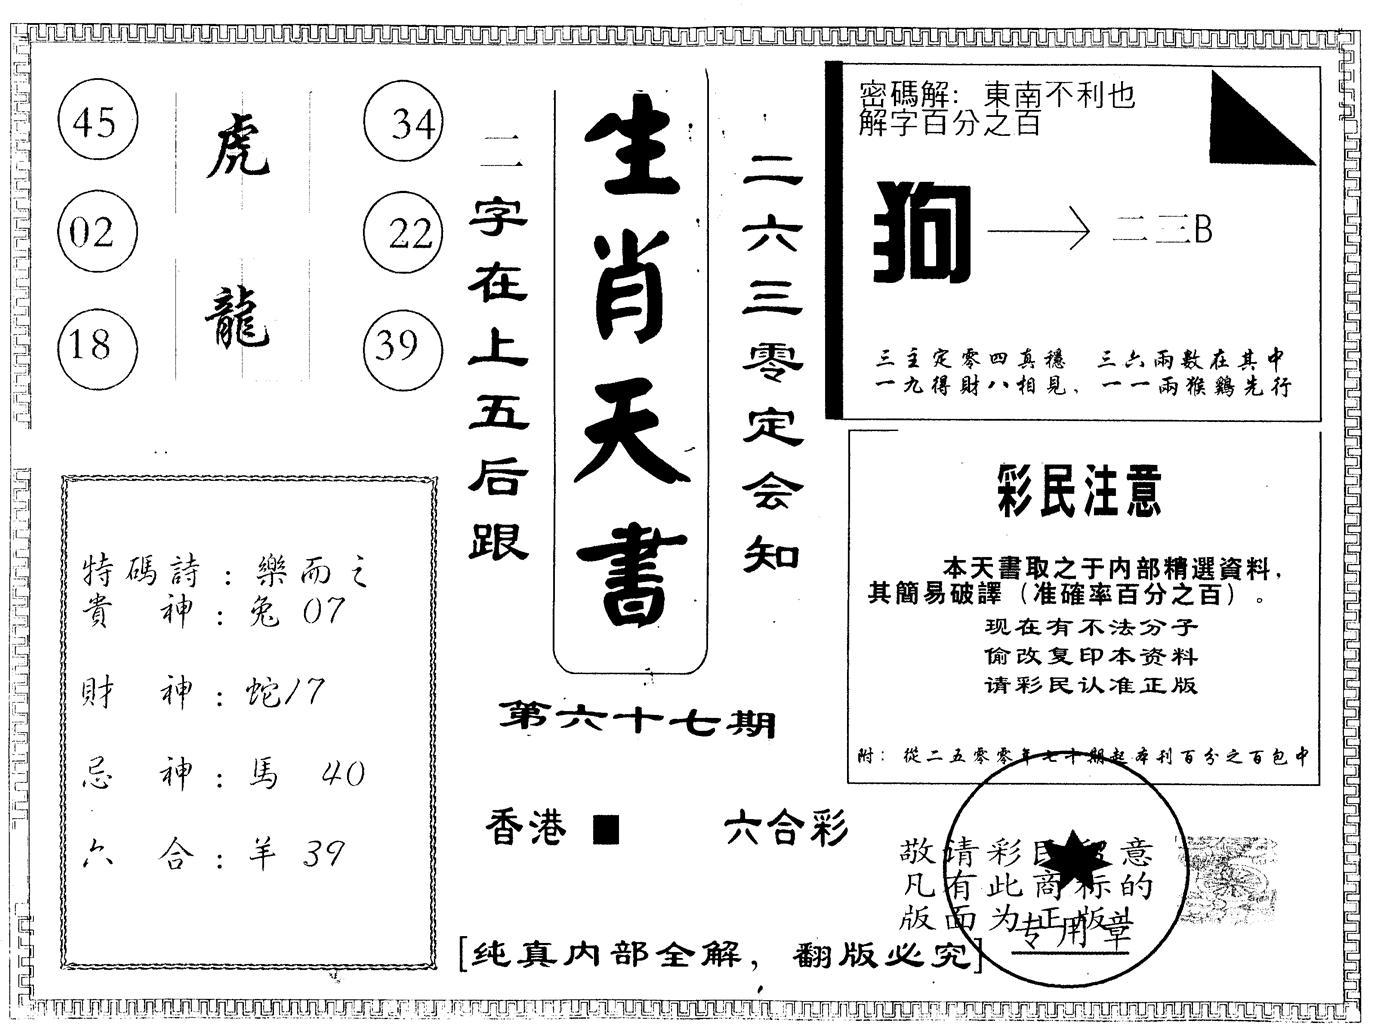 067期另版生肖天书(黑白)